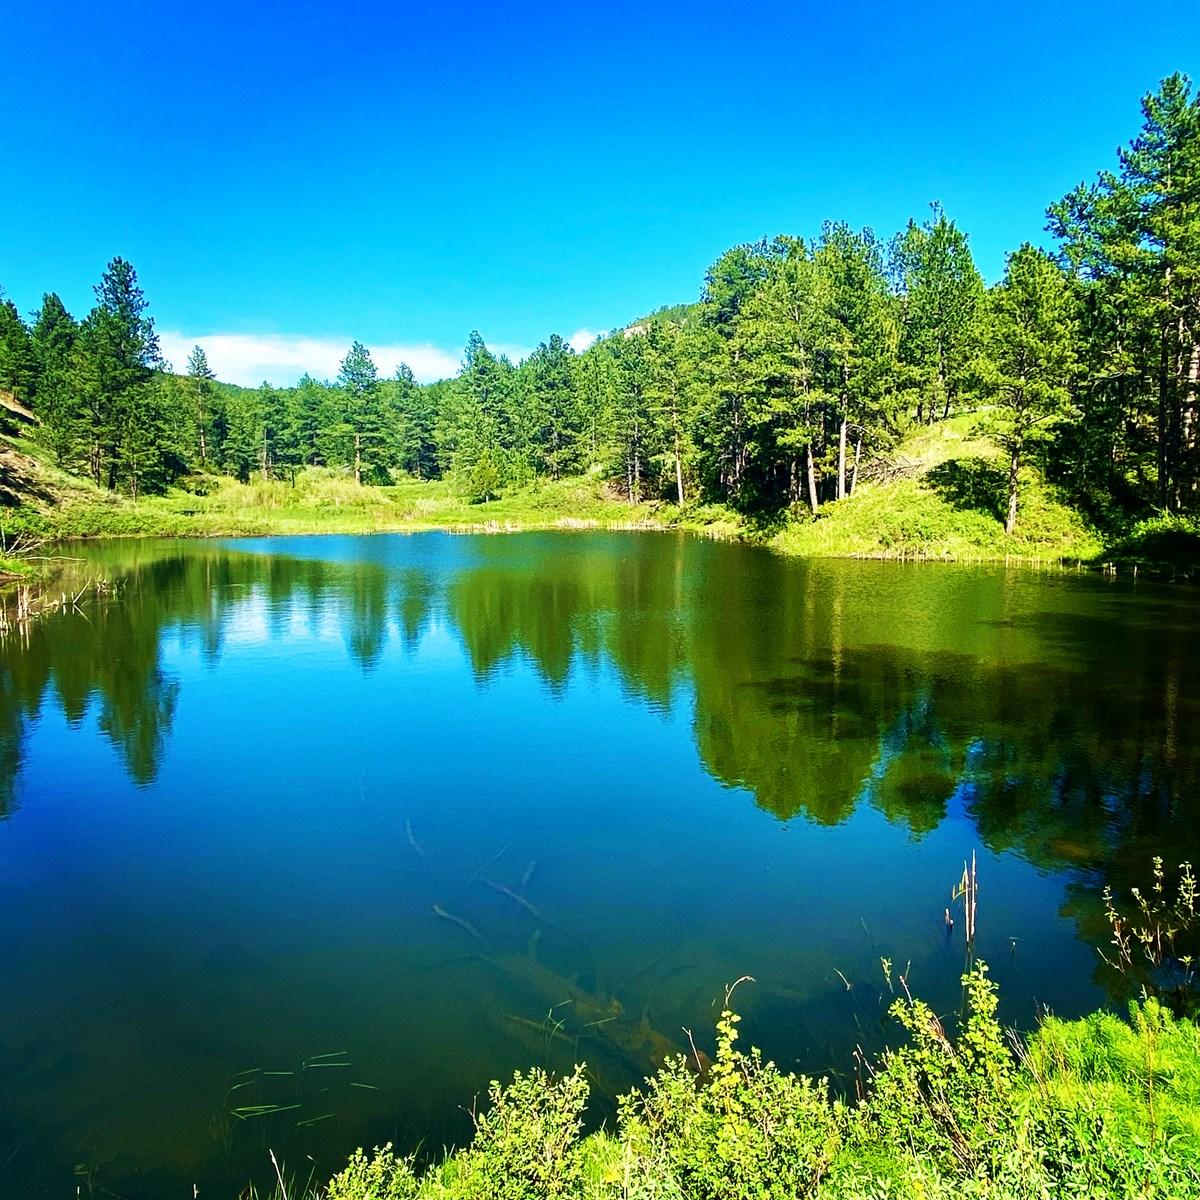 Little Rocky Mountains Acreage/Lot #23 For Sale Landusky, MT